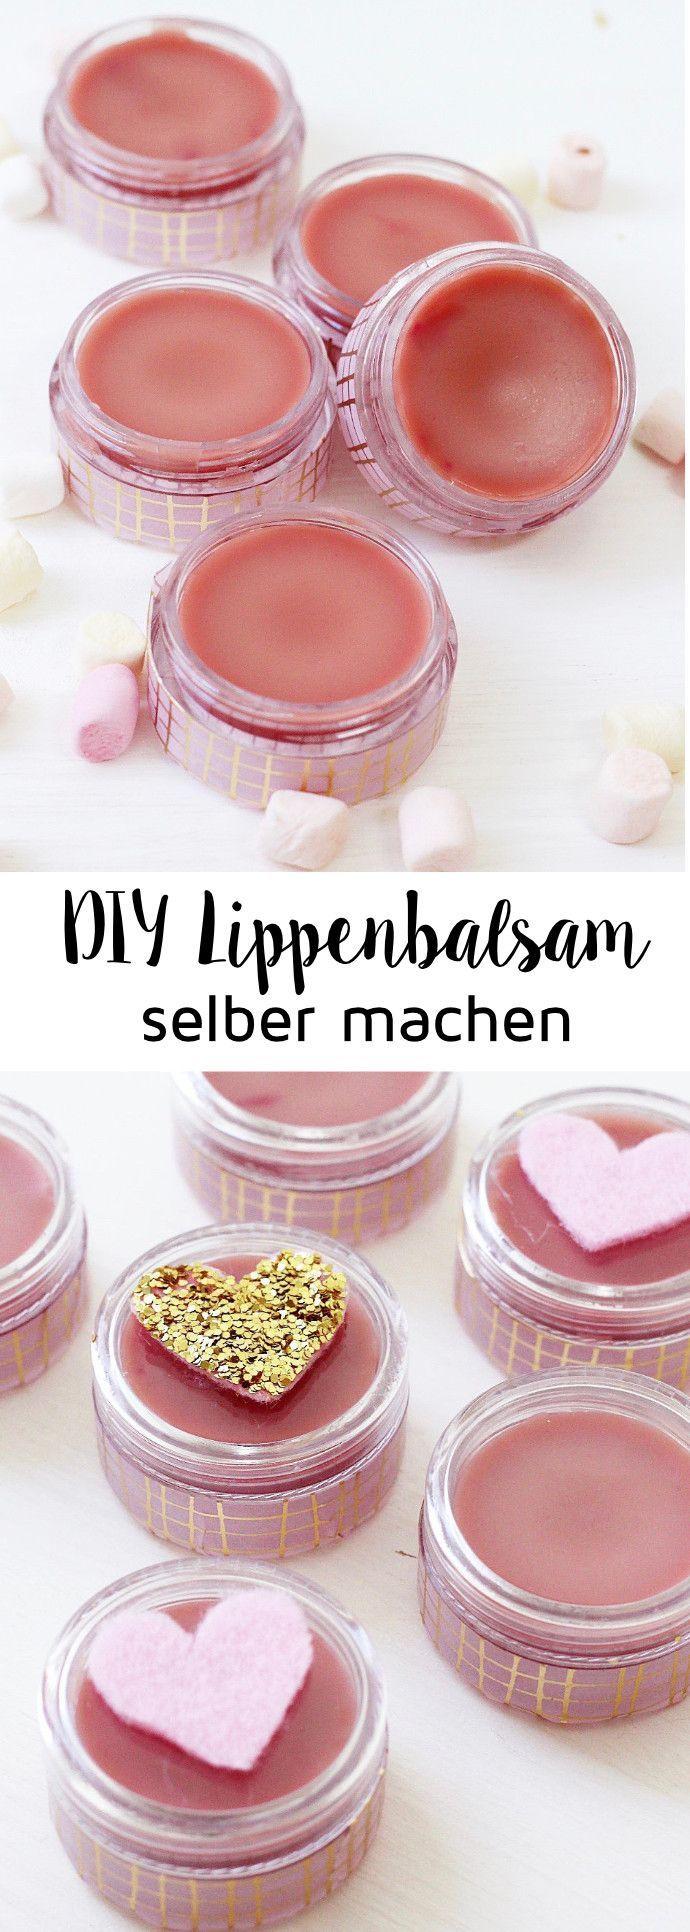 DIY Lippenbalsam aus Sheabutter selber machen: Tolle Geschenkidee!